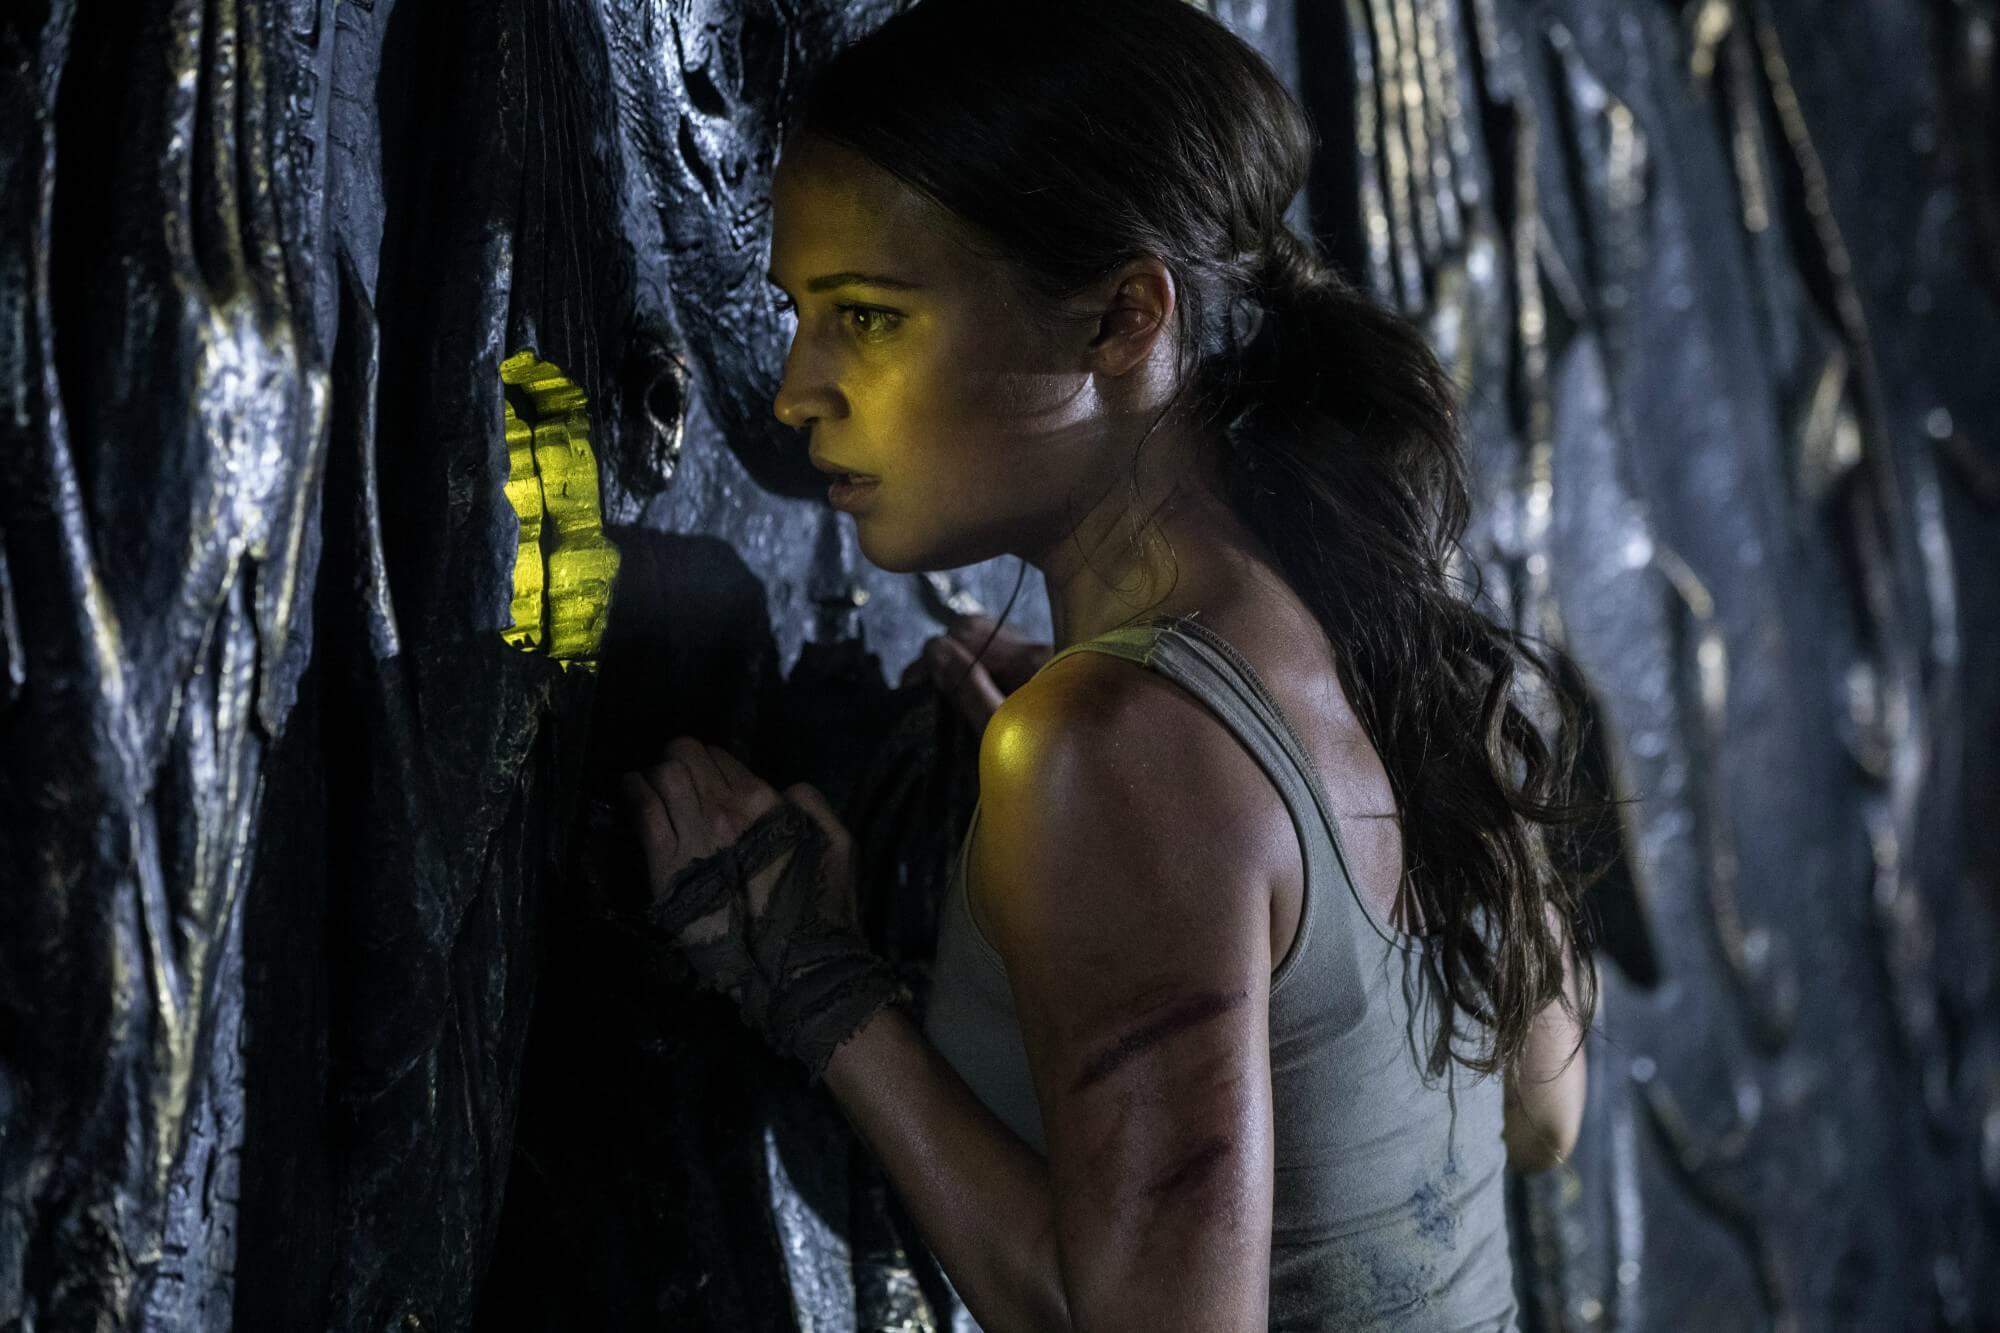 古墓奇兵 Tomb Raider 艾莉西亞薇坎德 蘿拉